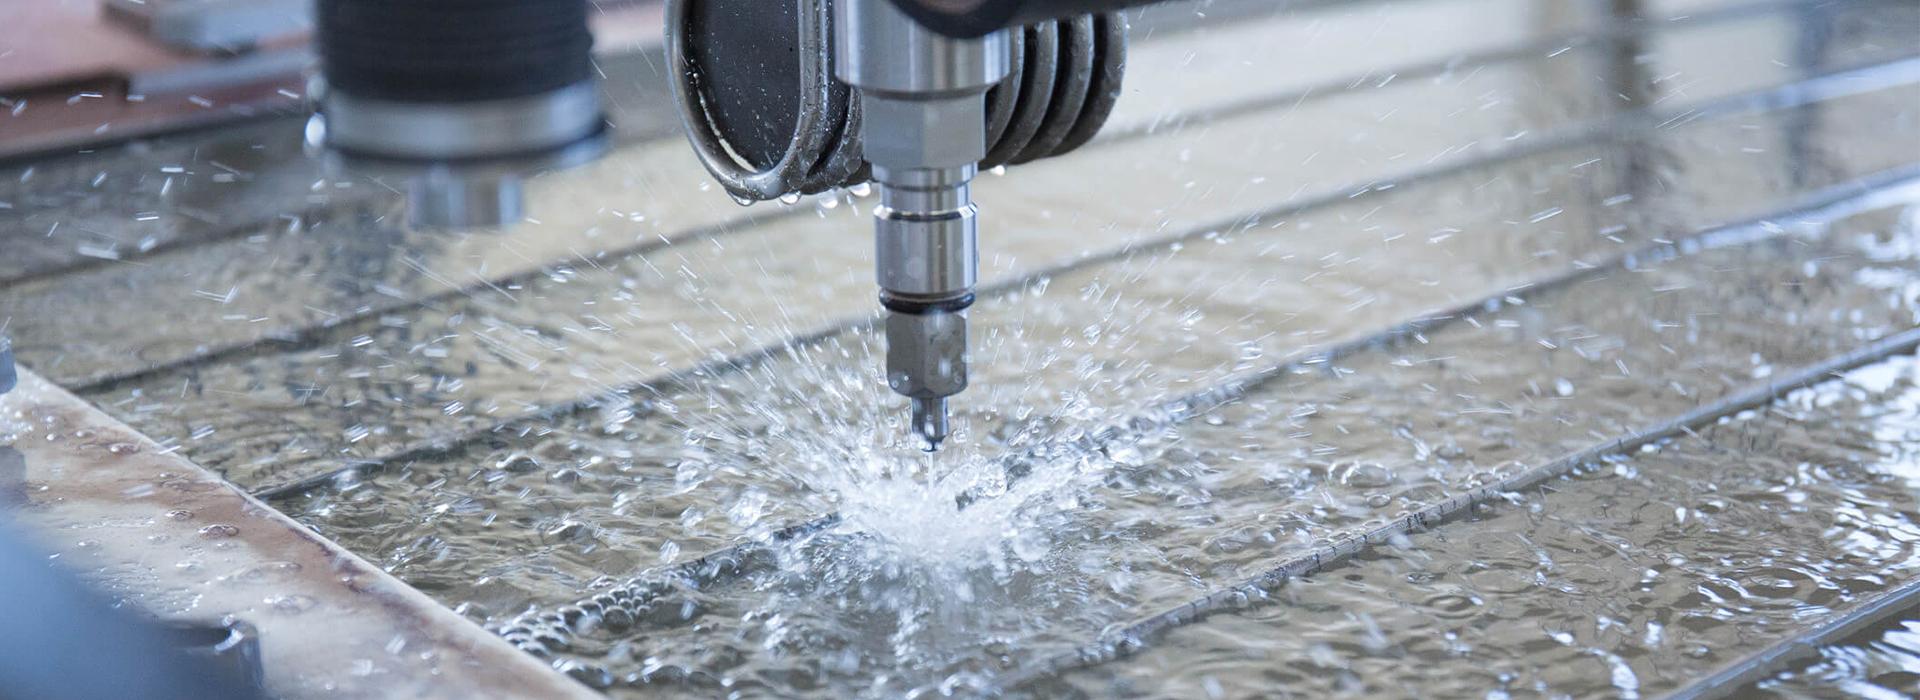 Wasserstrahlschneiden - Schnell Präzise Kostengünstig